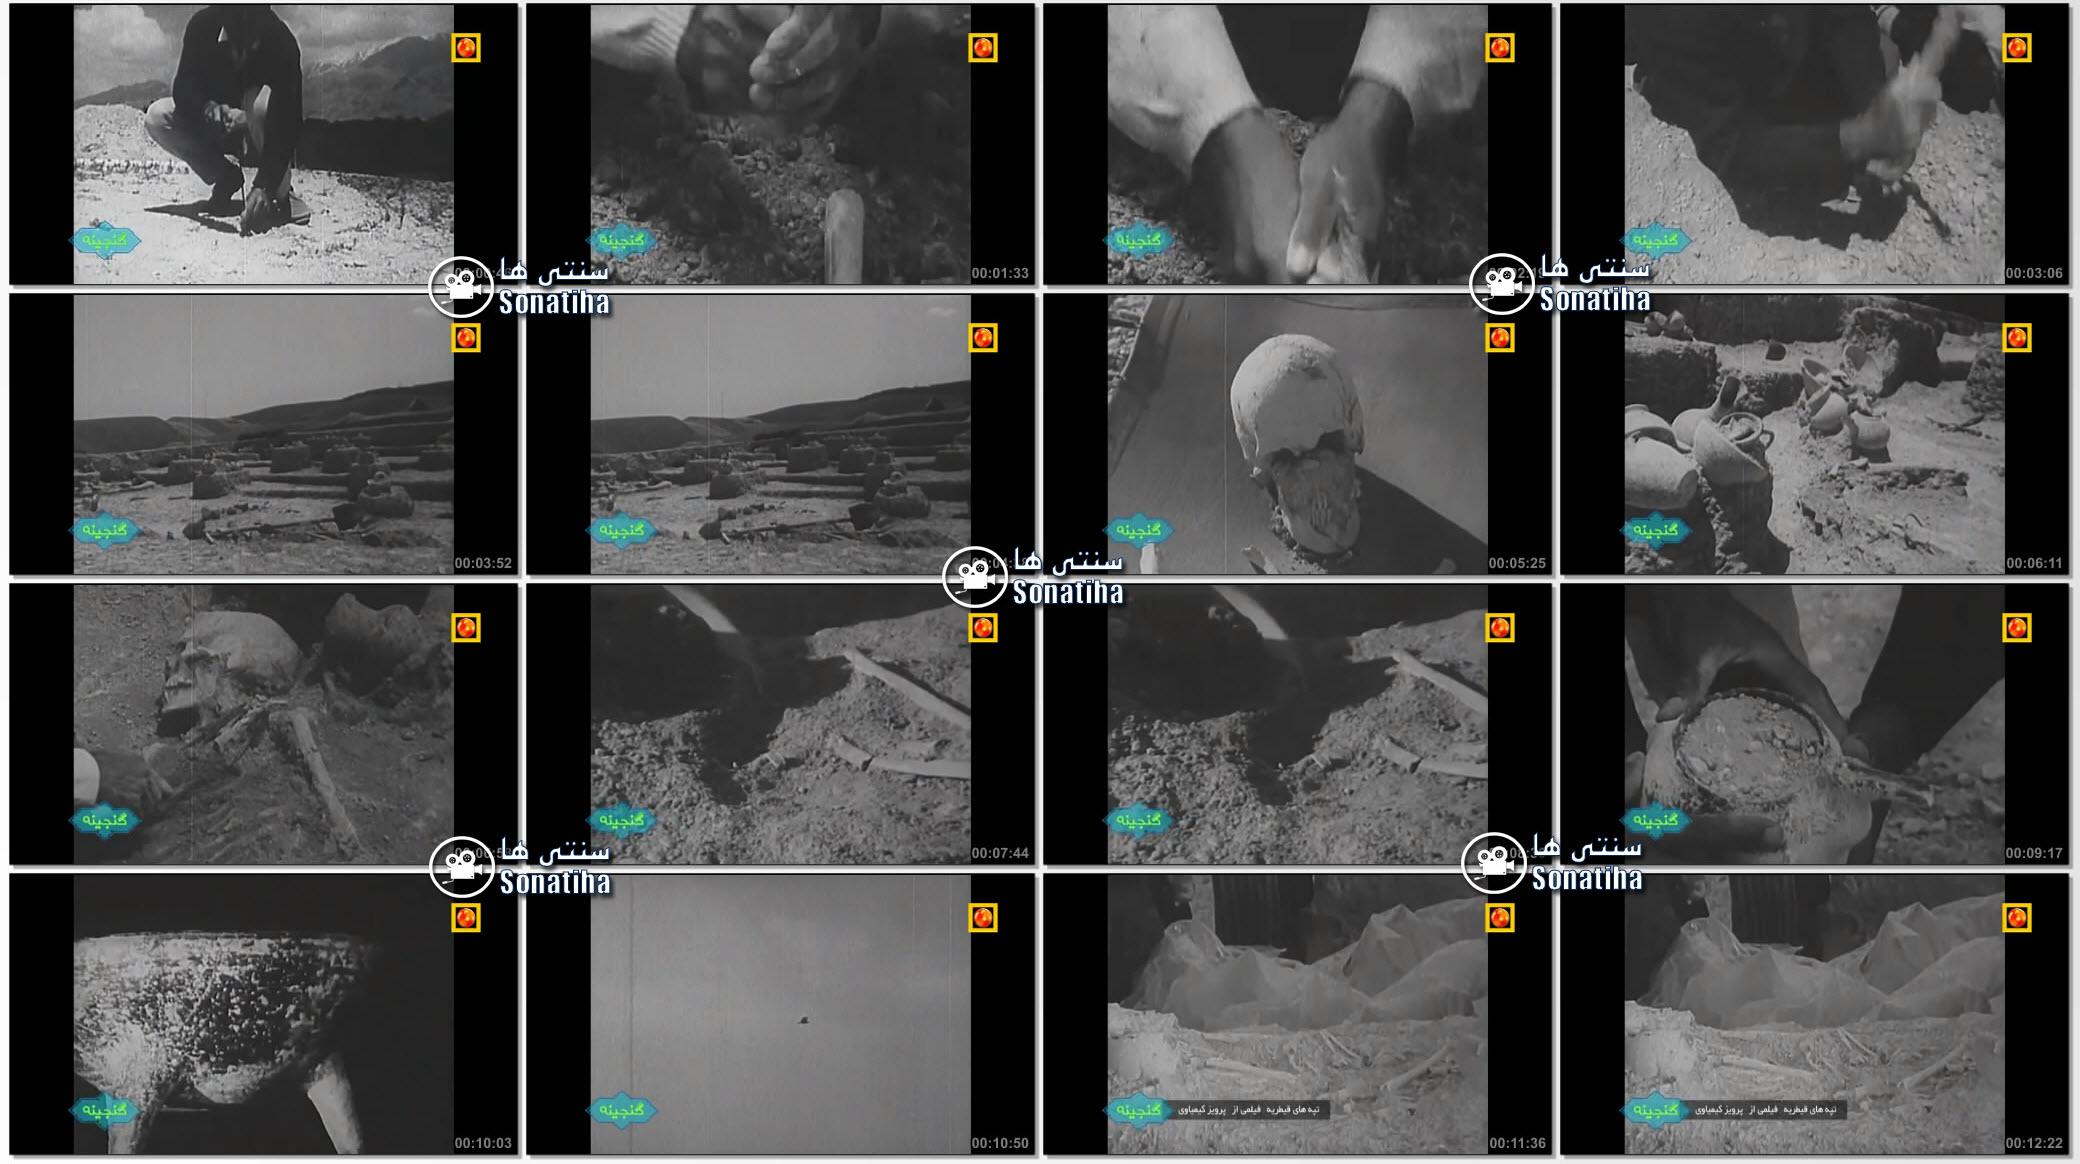 دانلود فیلم مستند تپه های قیطریه